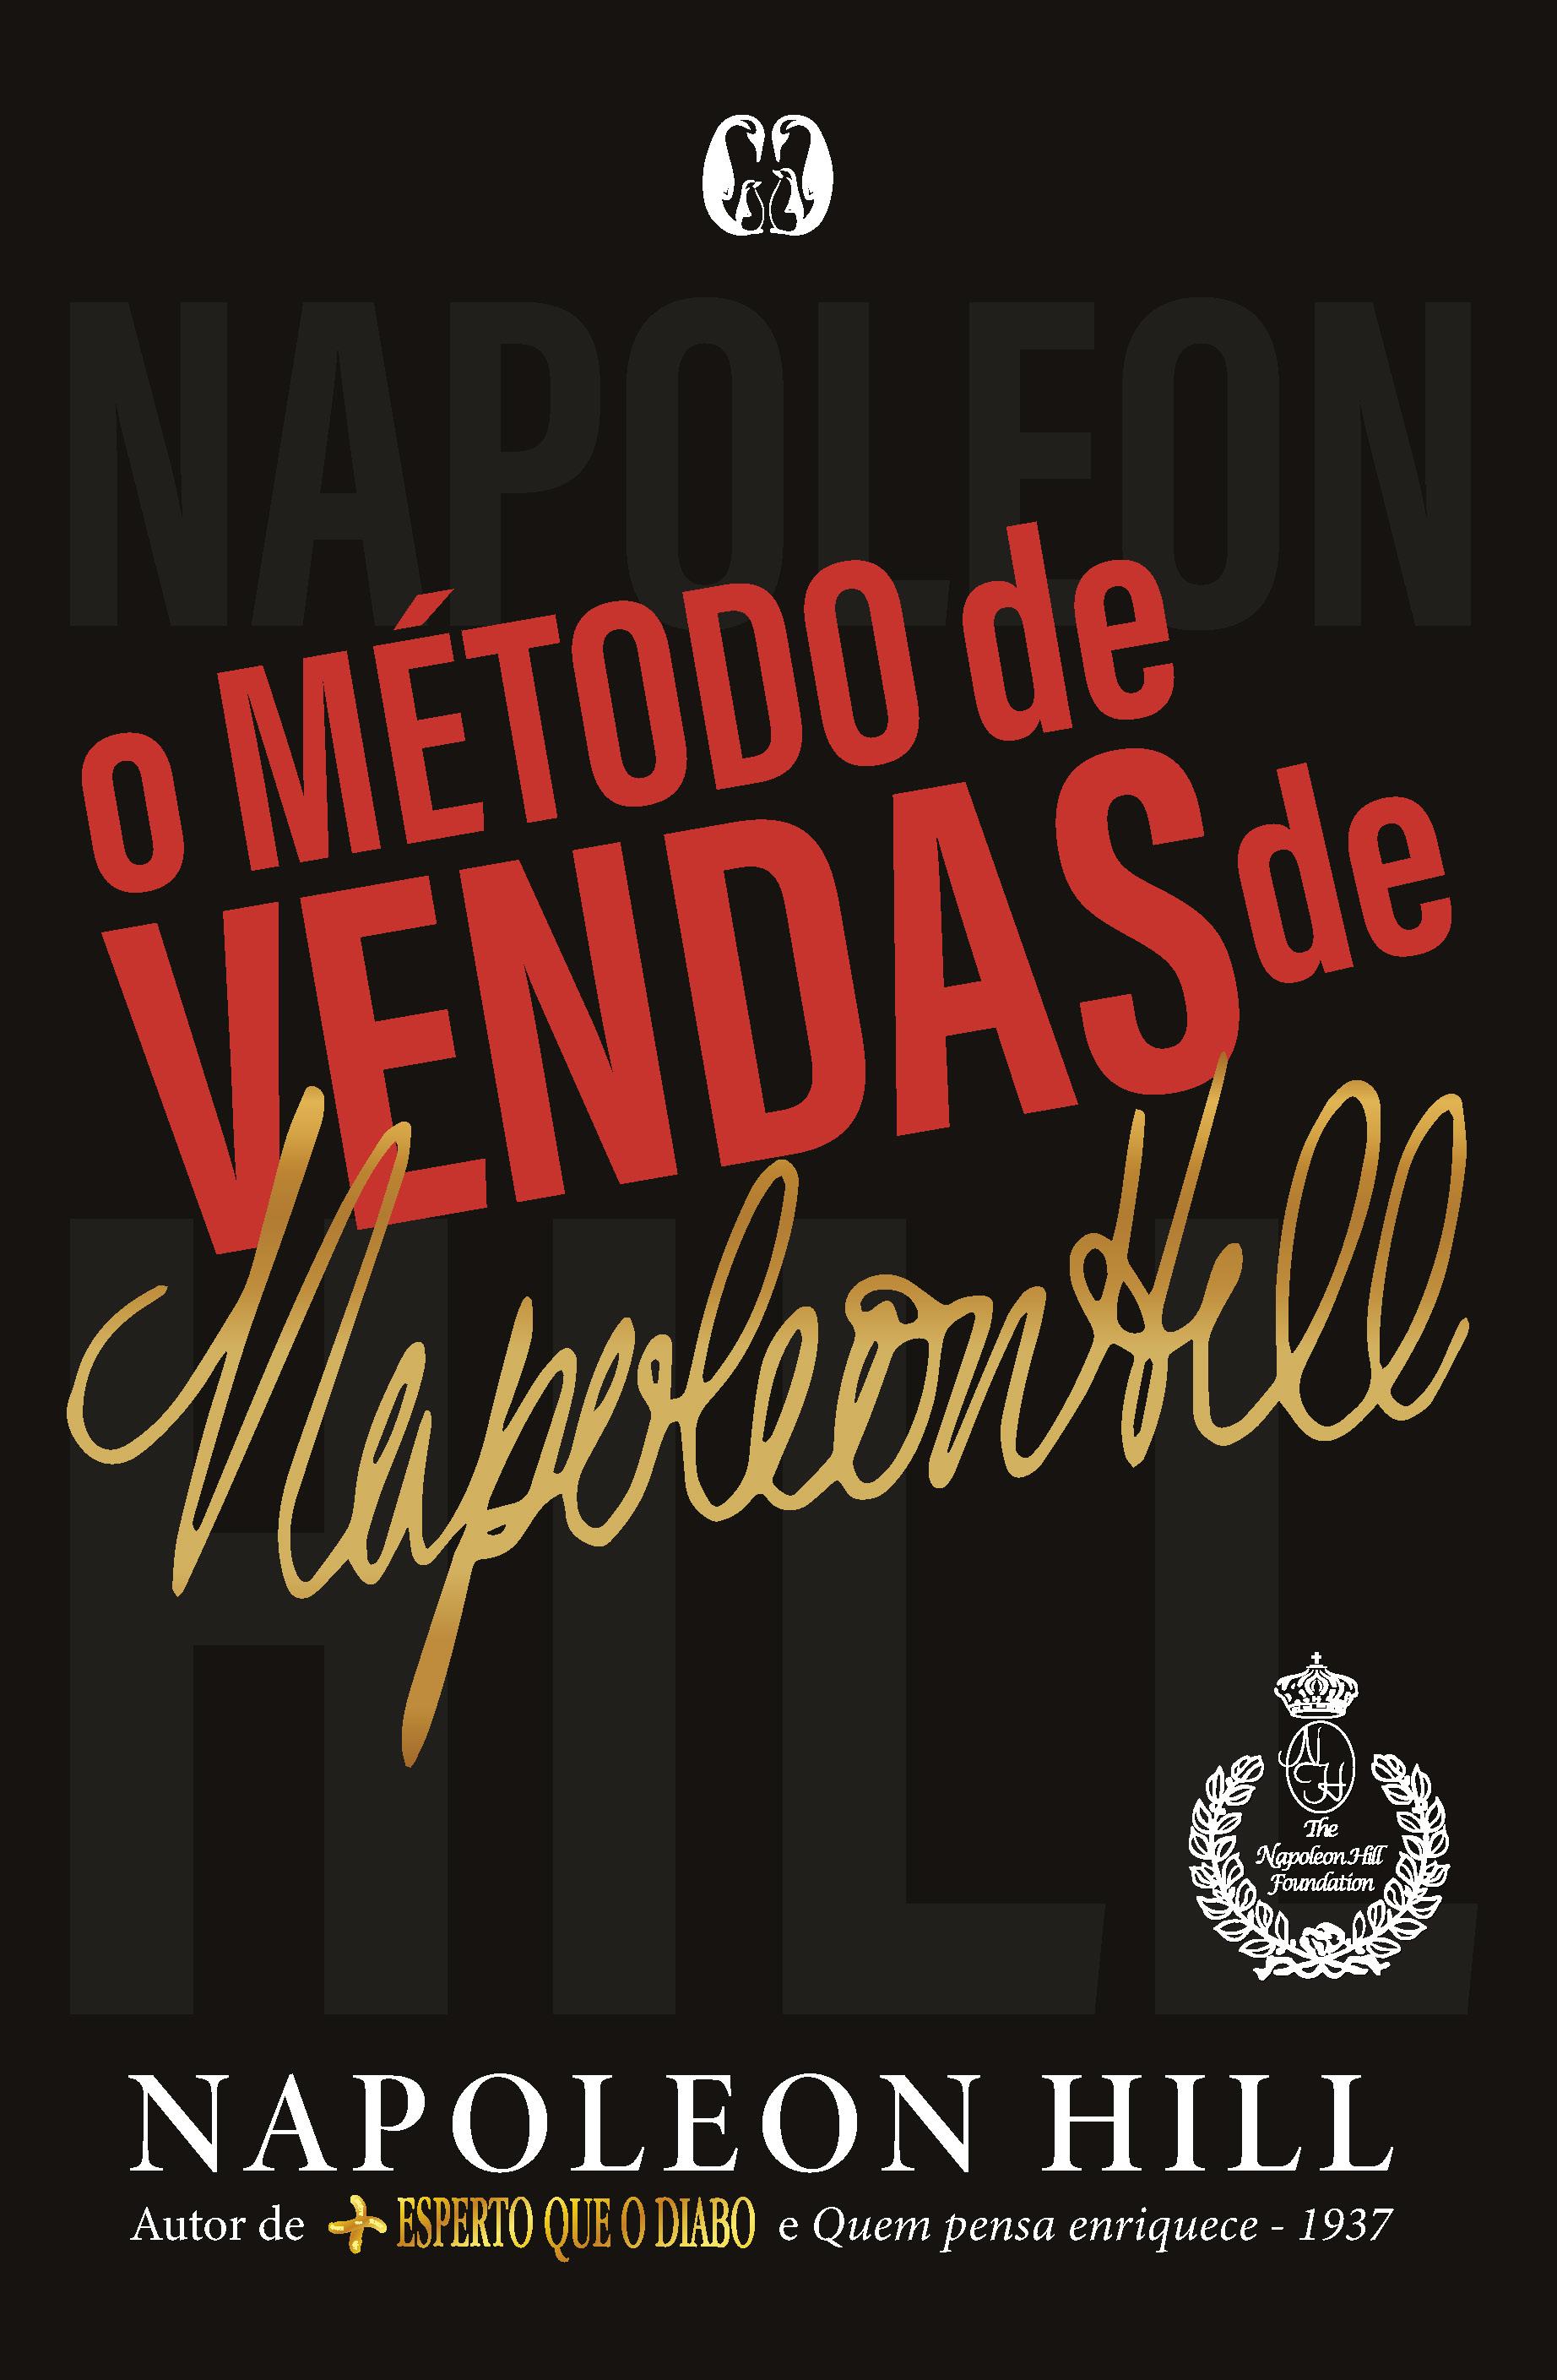 METODO DE VENDAS DE NAPOLEON HILL, O